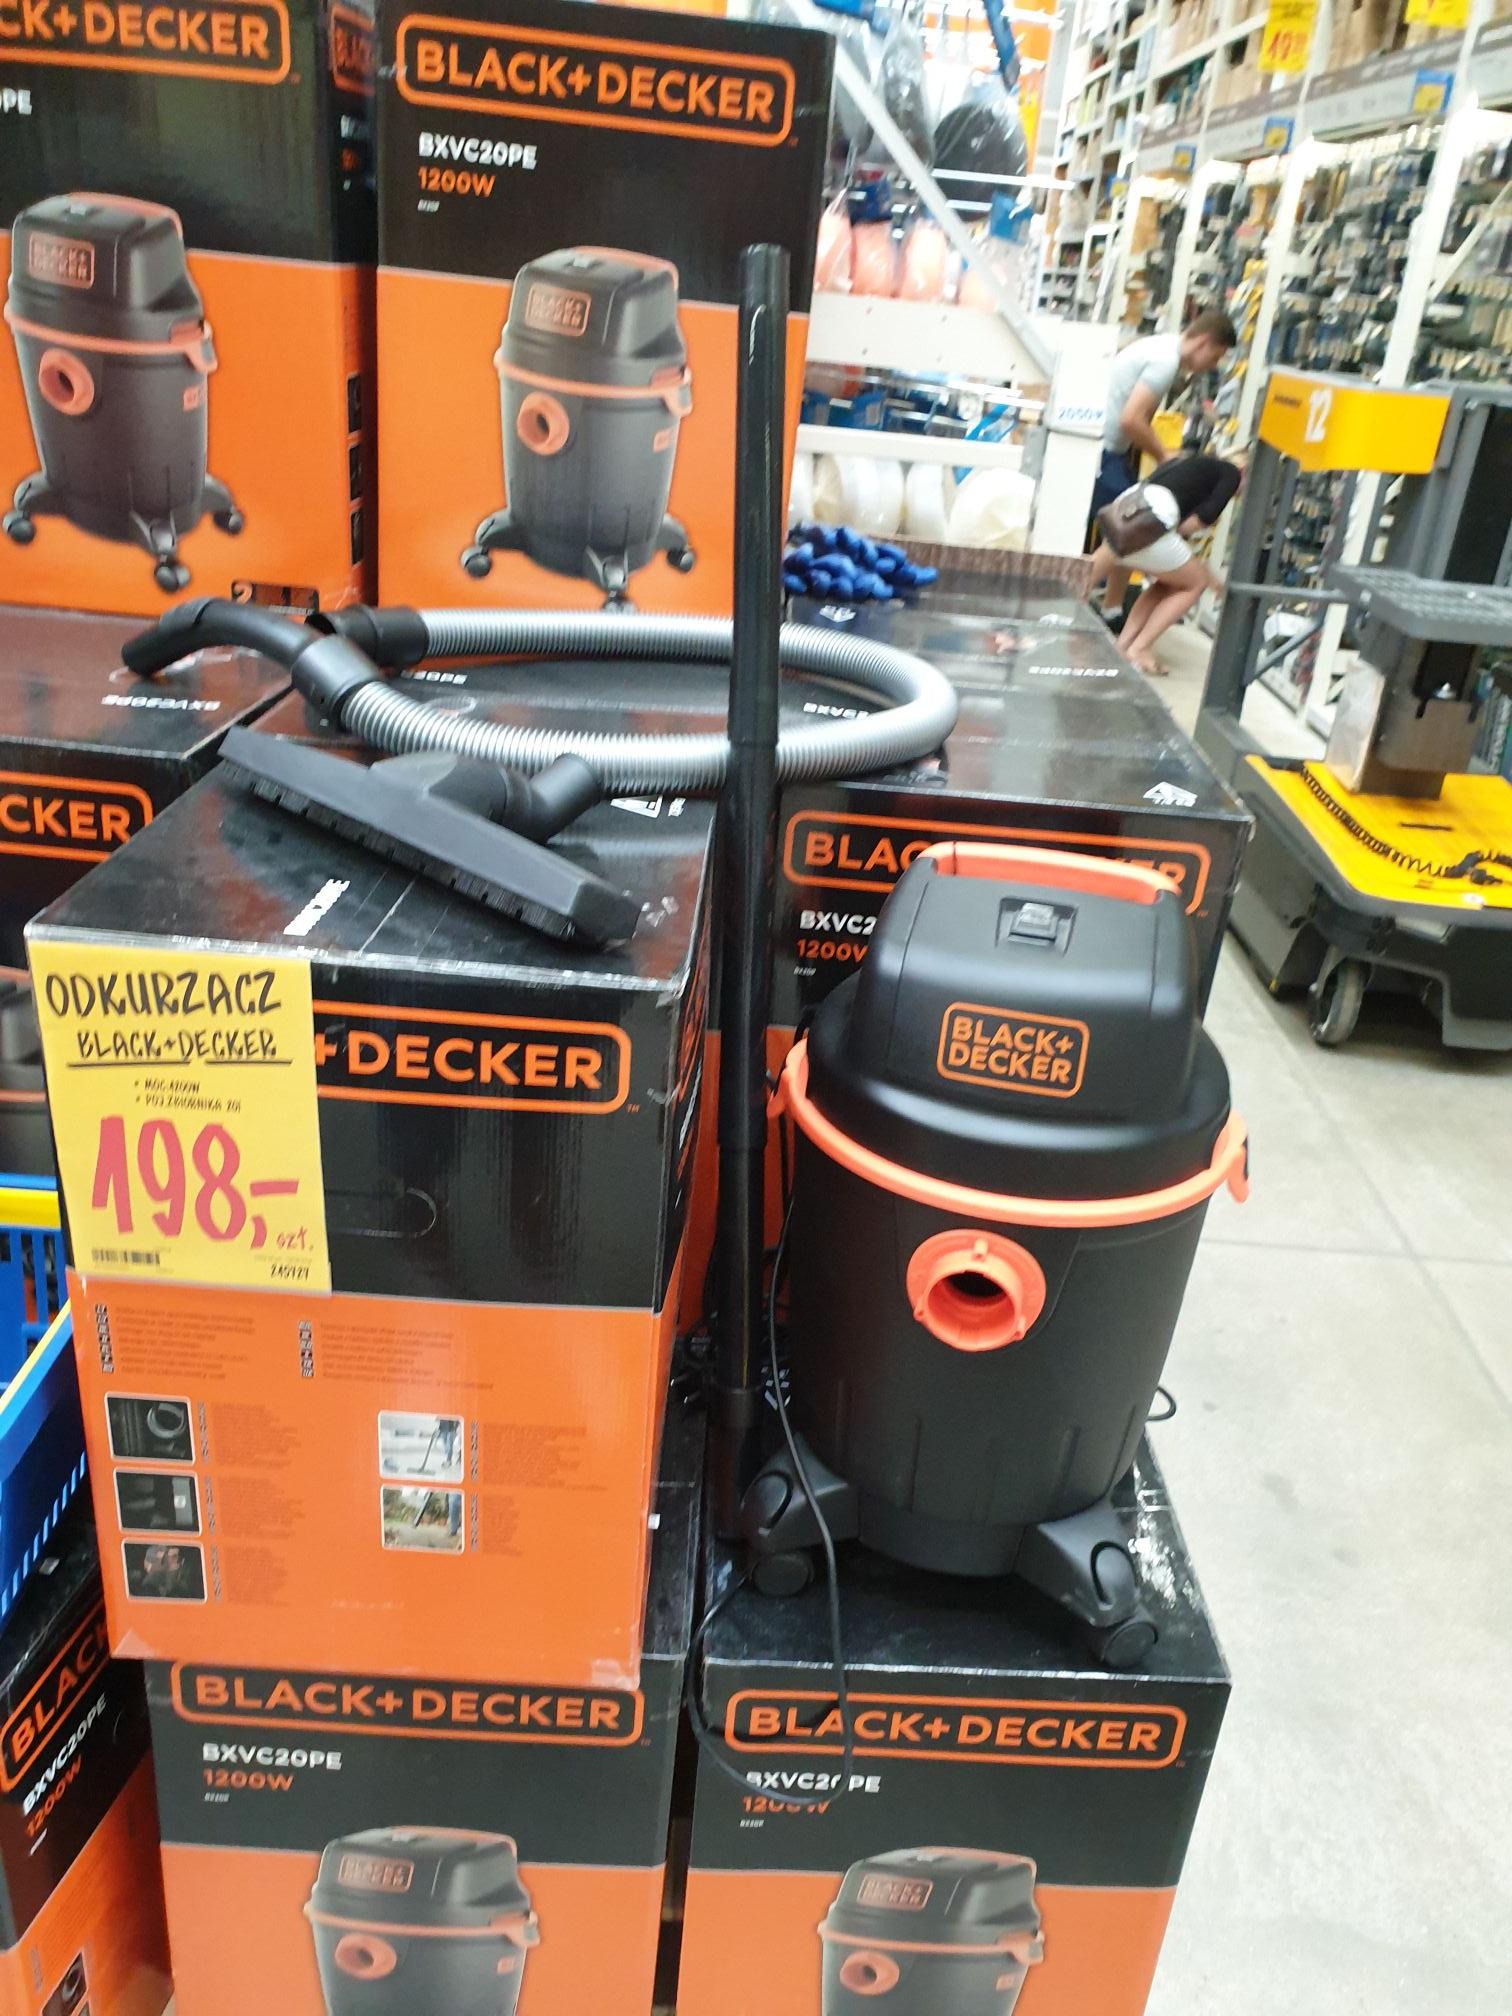 Odkurzacz Black & Decker 1200W 20L pojemności Castorama Swarzędz